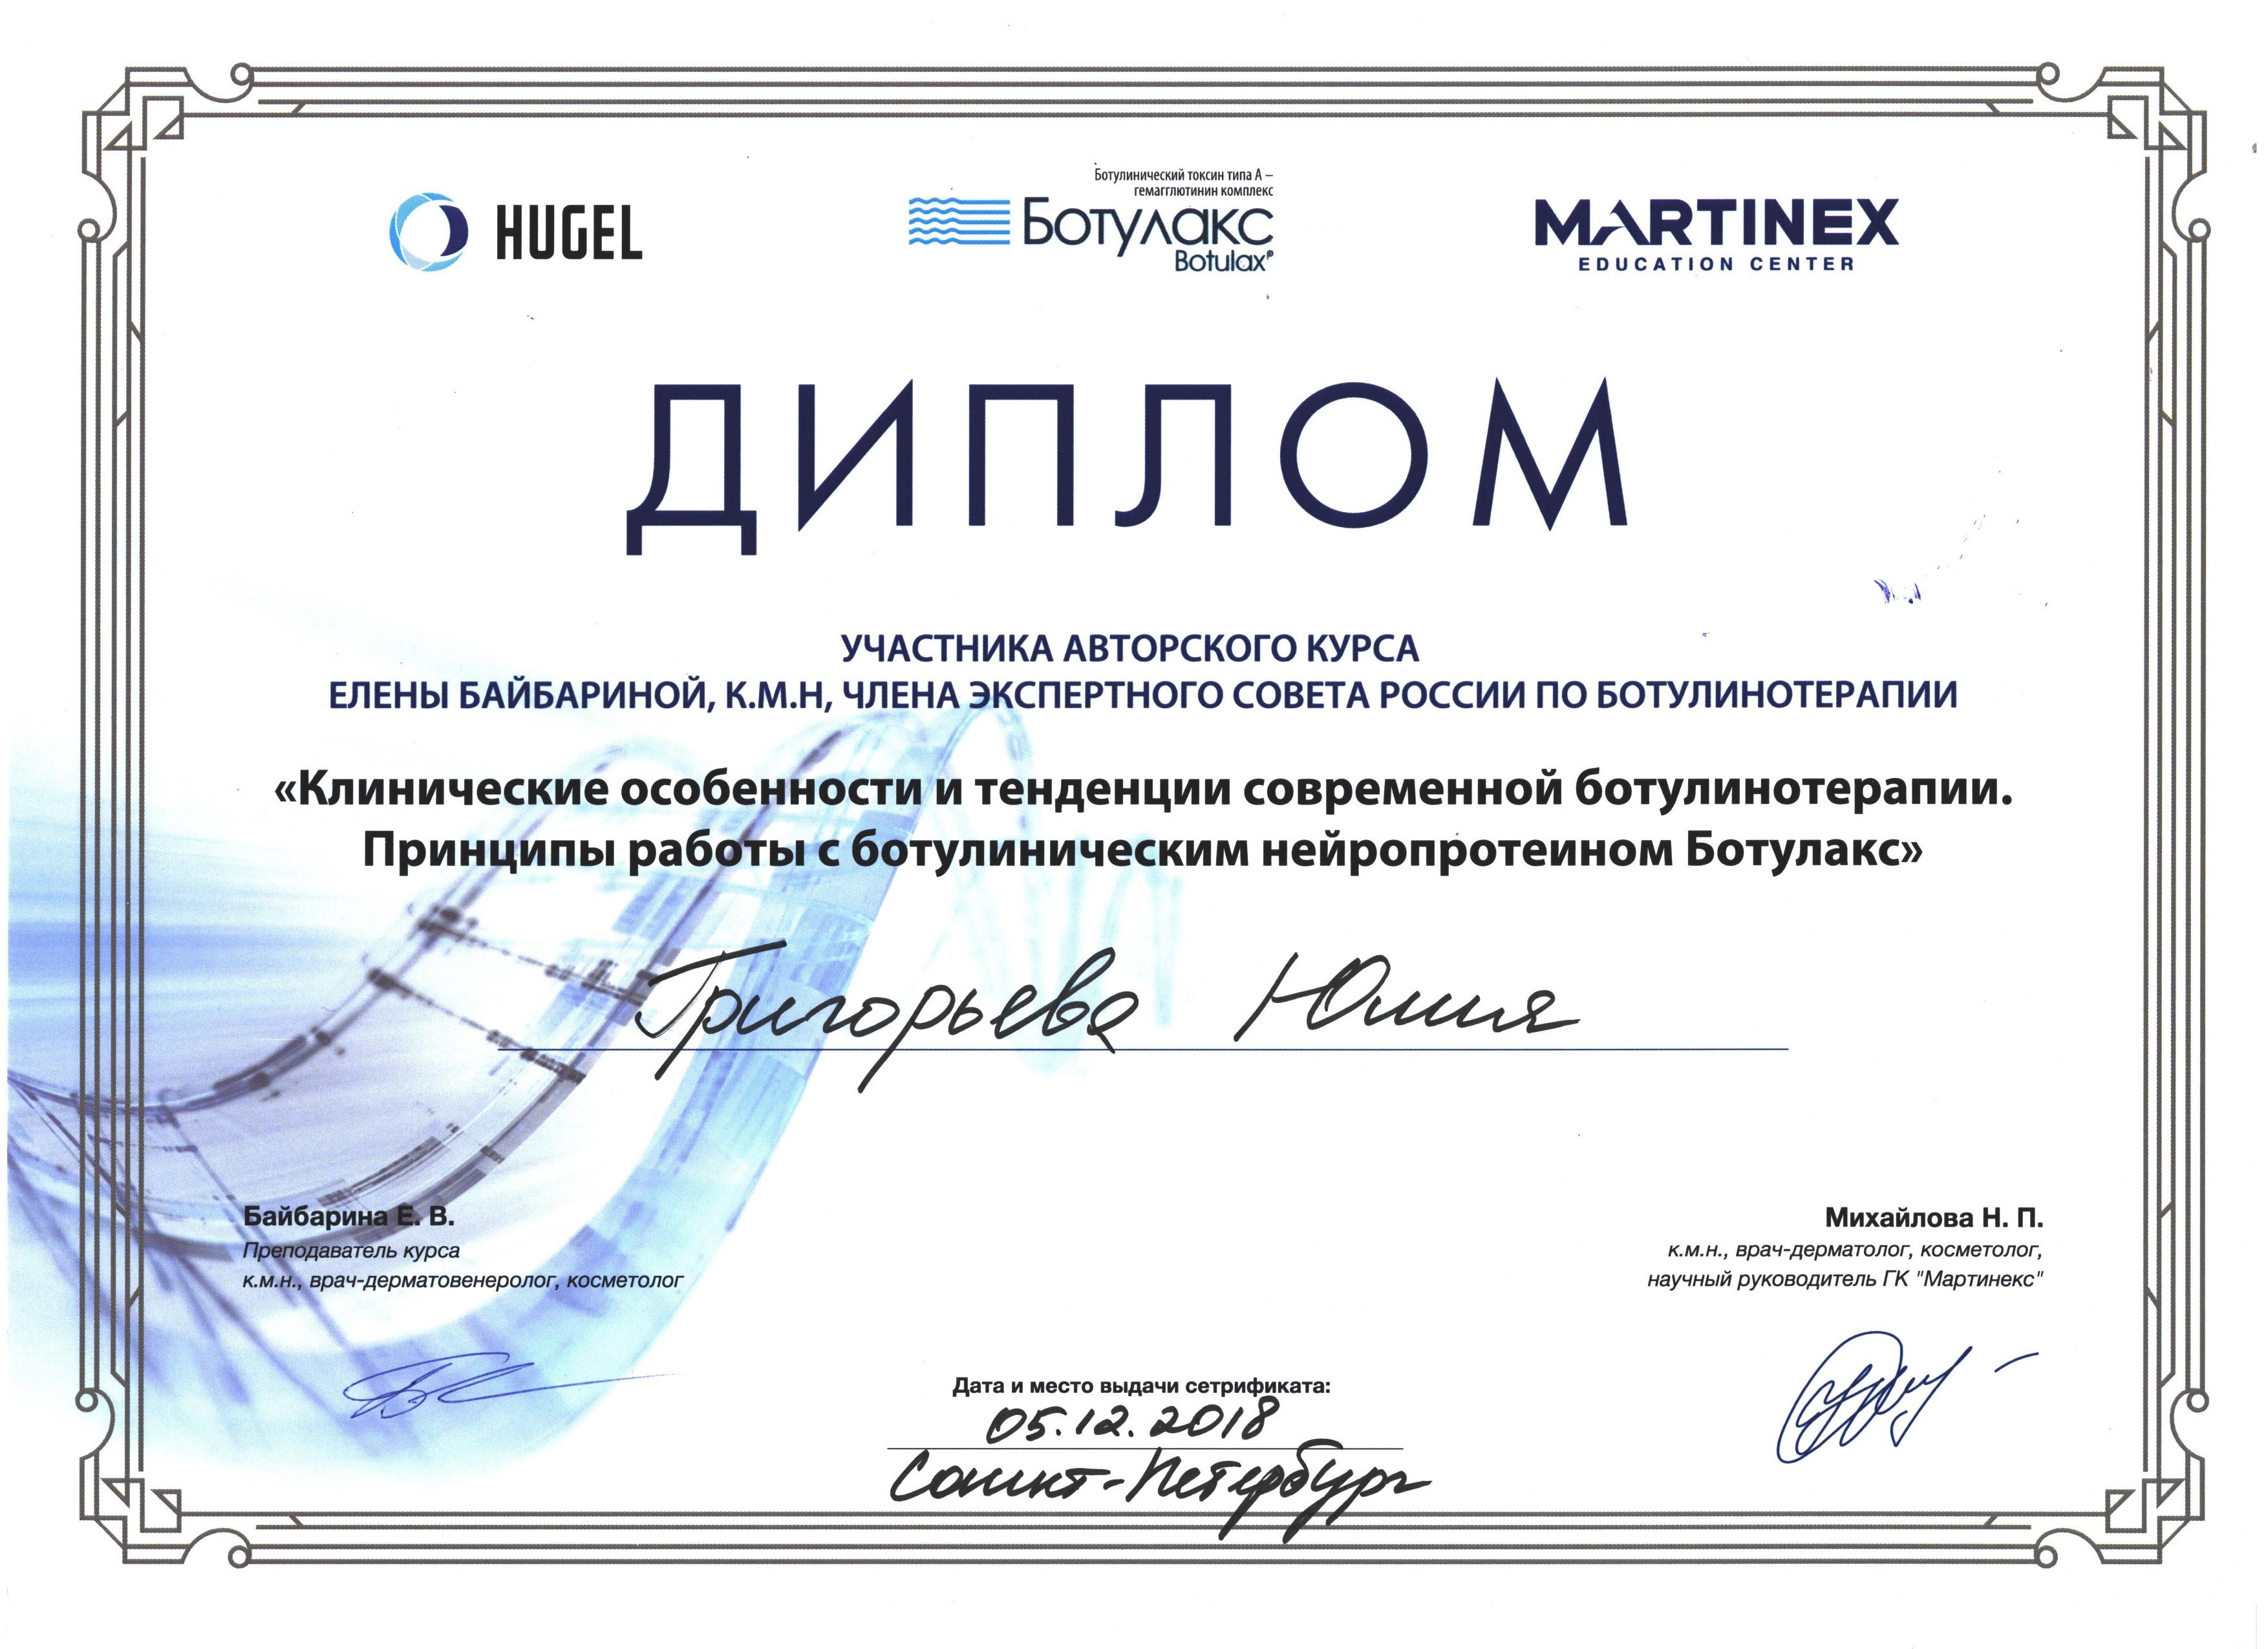 Сертификат Григорьева16